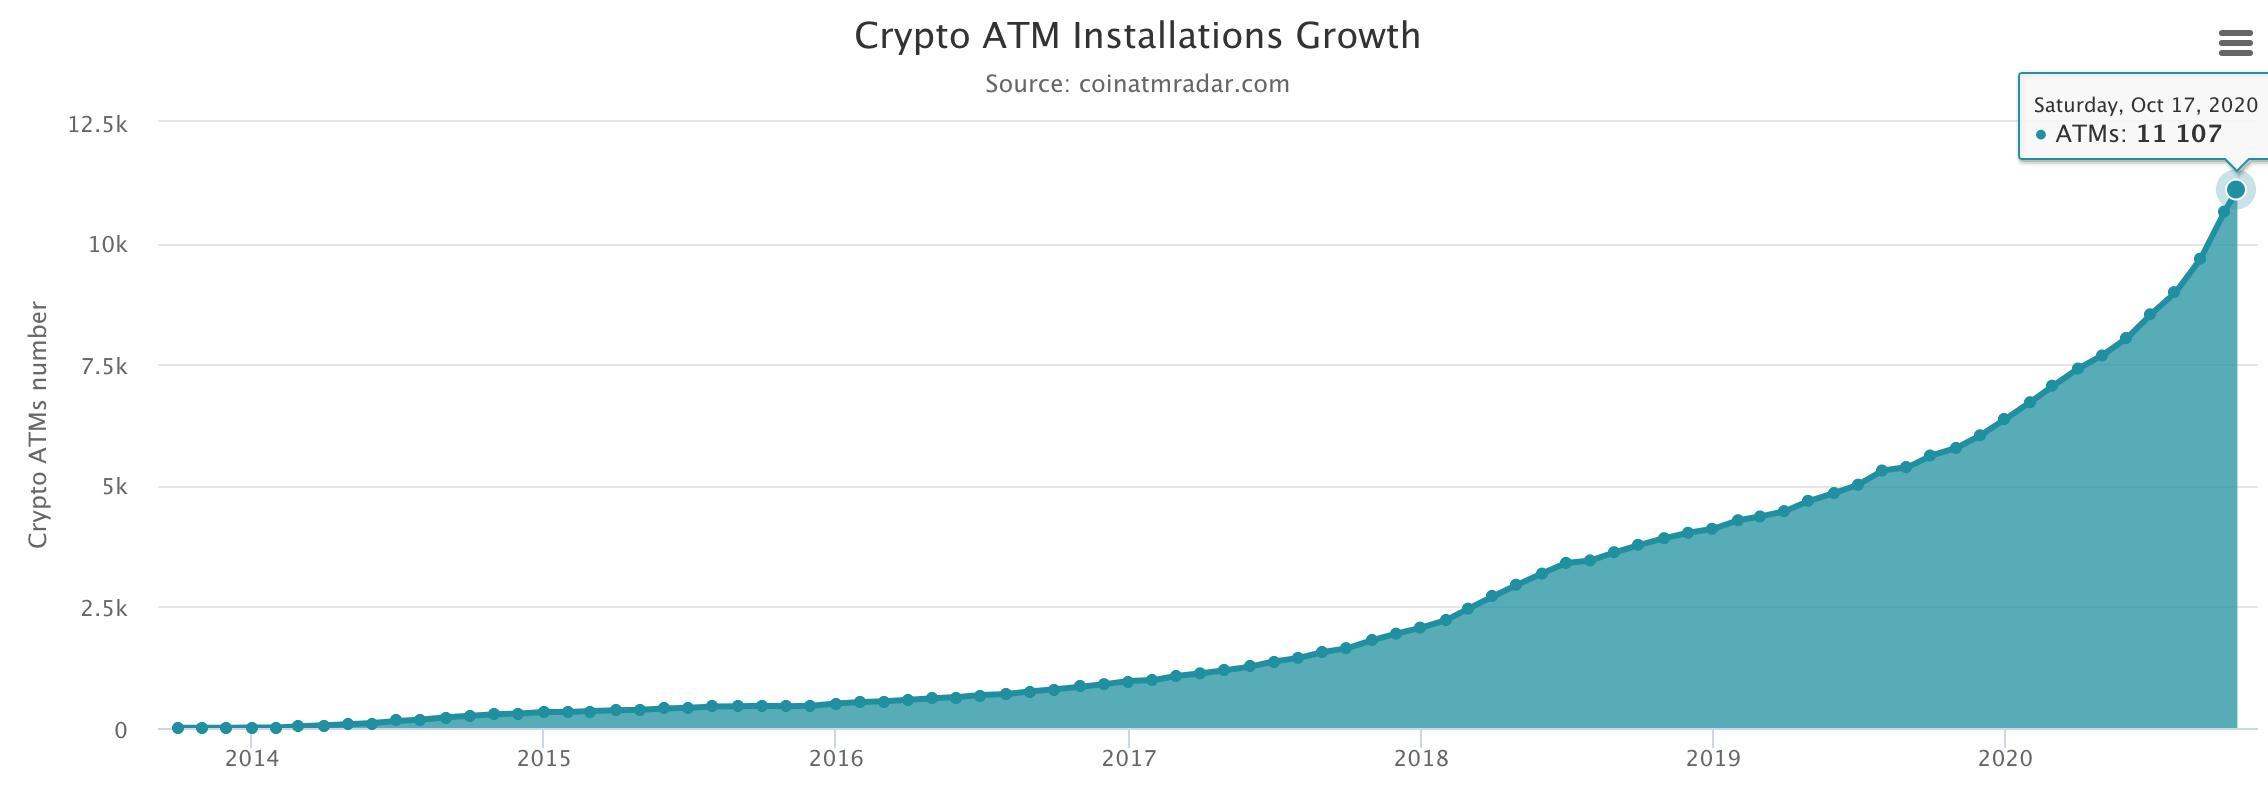 Abogando por la supervivencia de Bitcoin en el mercado general